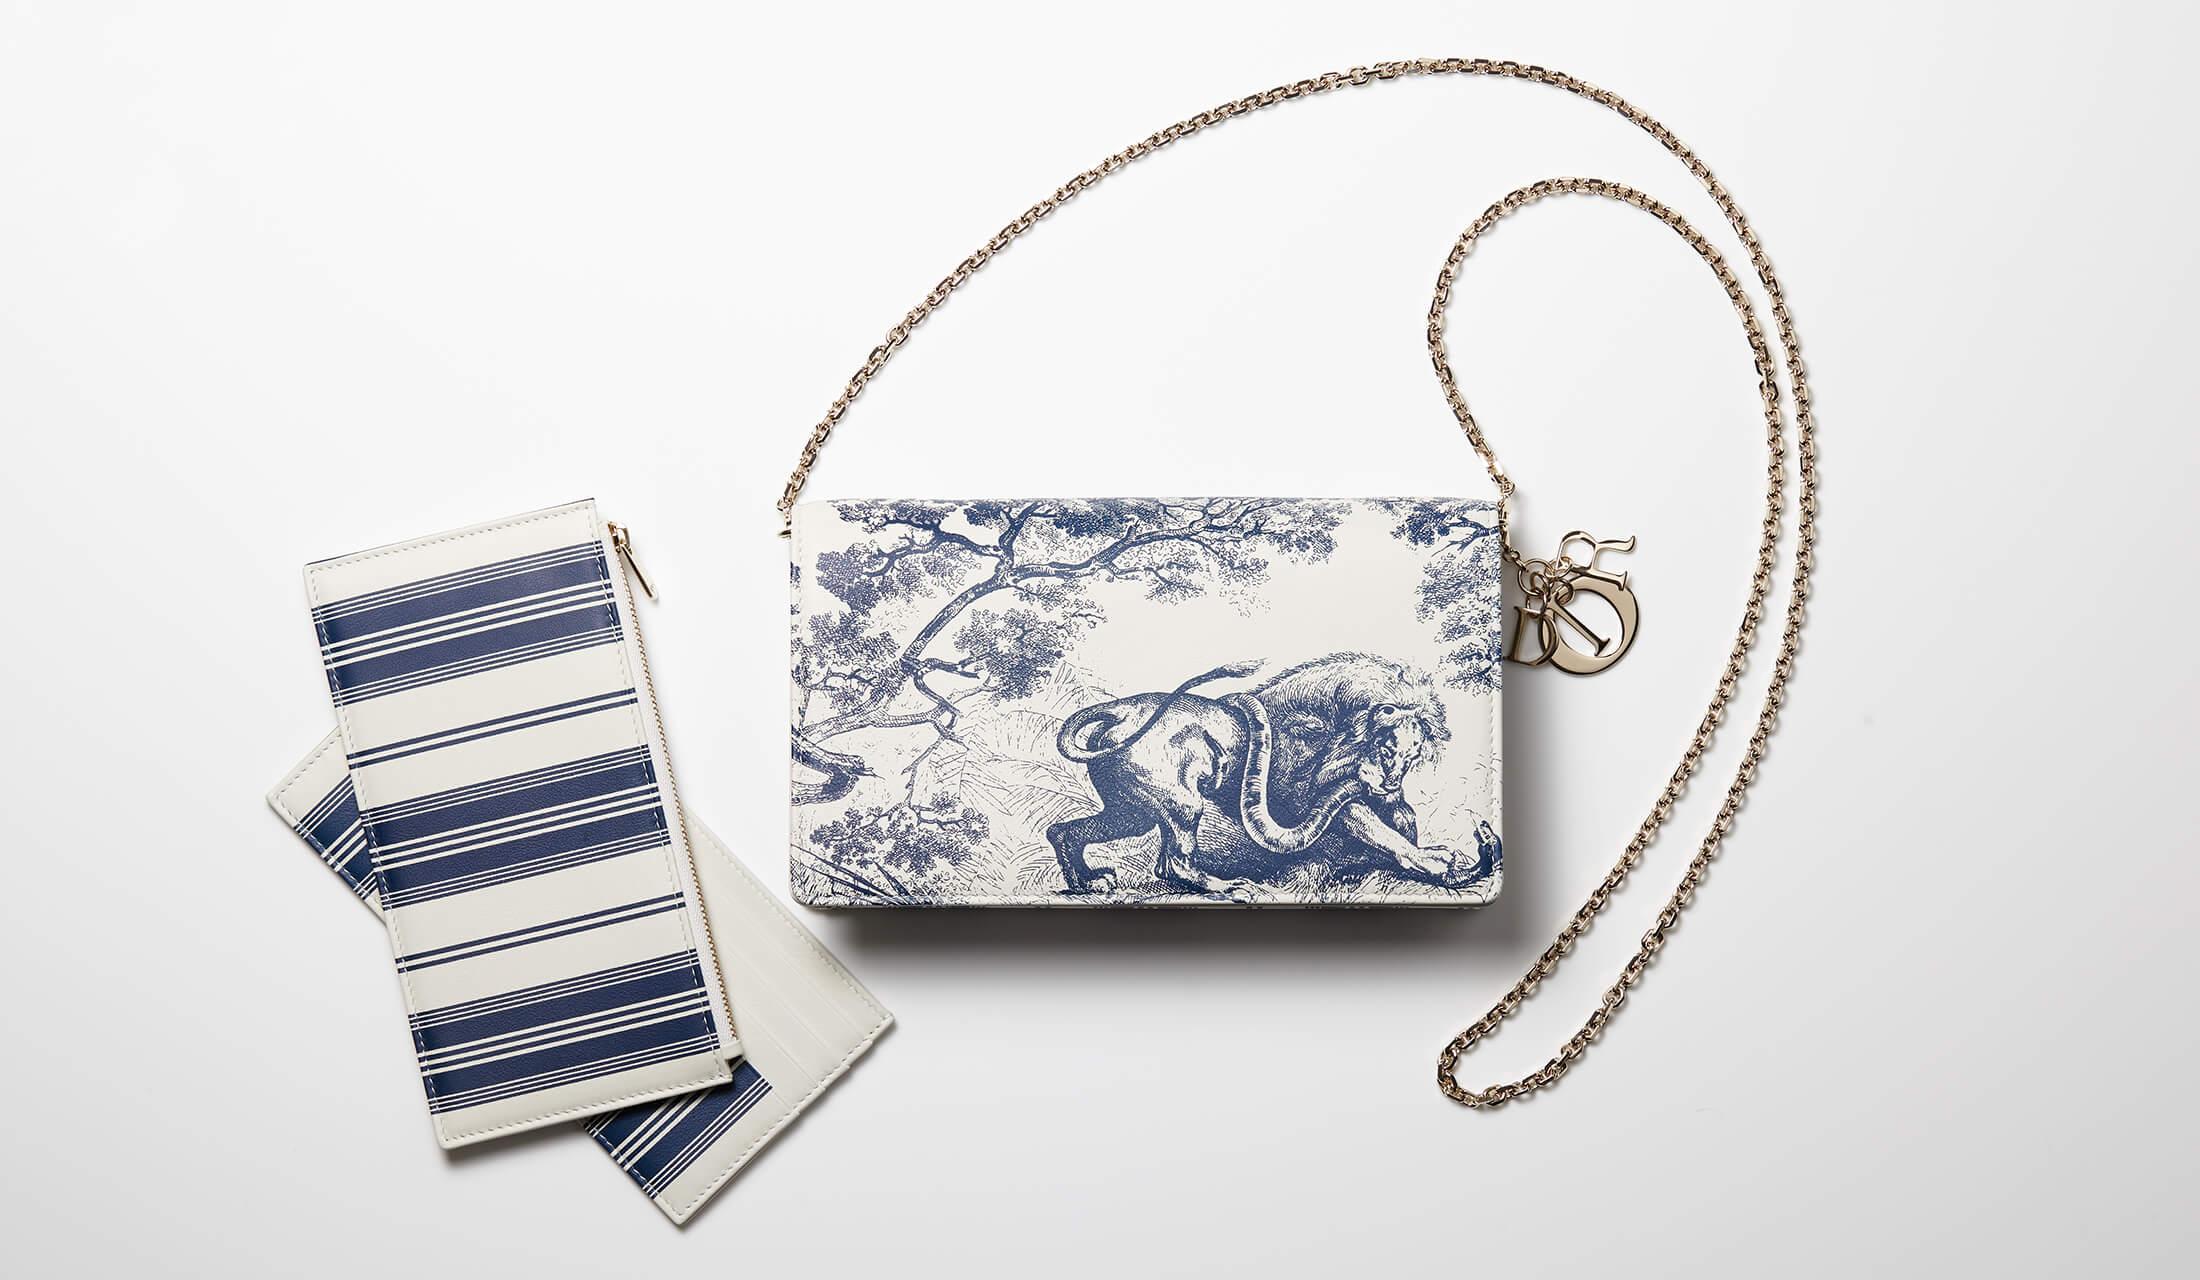 白ベースにブルーで動物や植物、ストライプ柄が描かれたウォレットとカードホルダーのセット